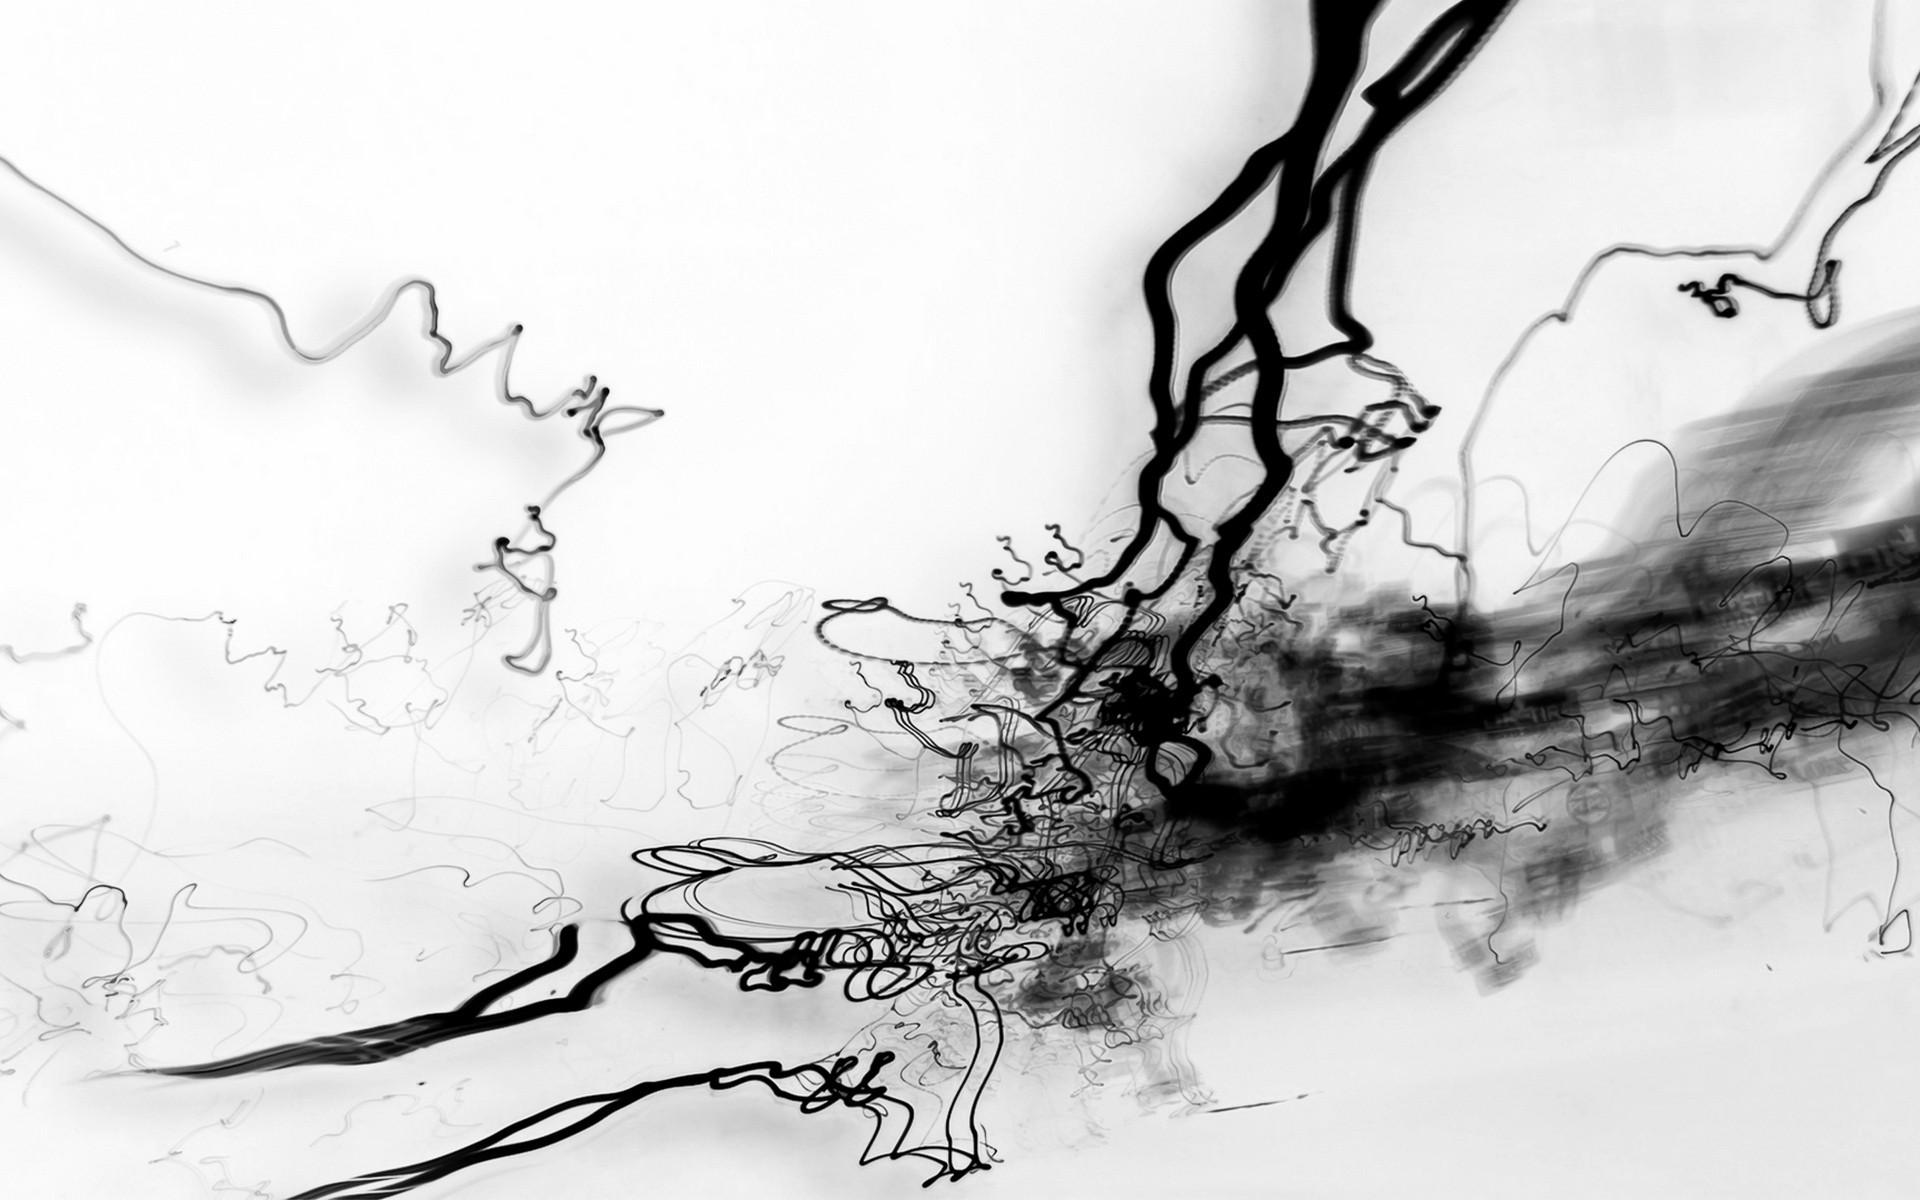 Fond D écran Dessin Illustration Monochrome Abstrait Hiver